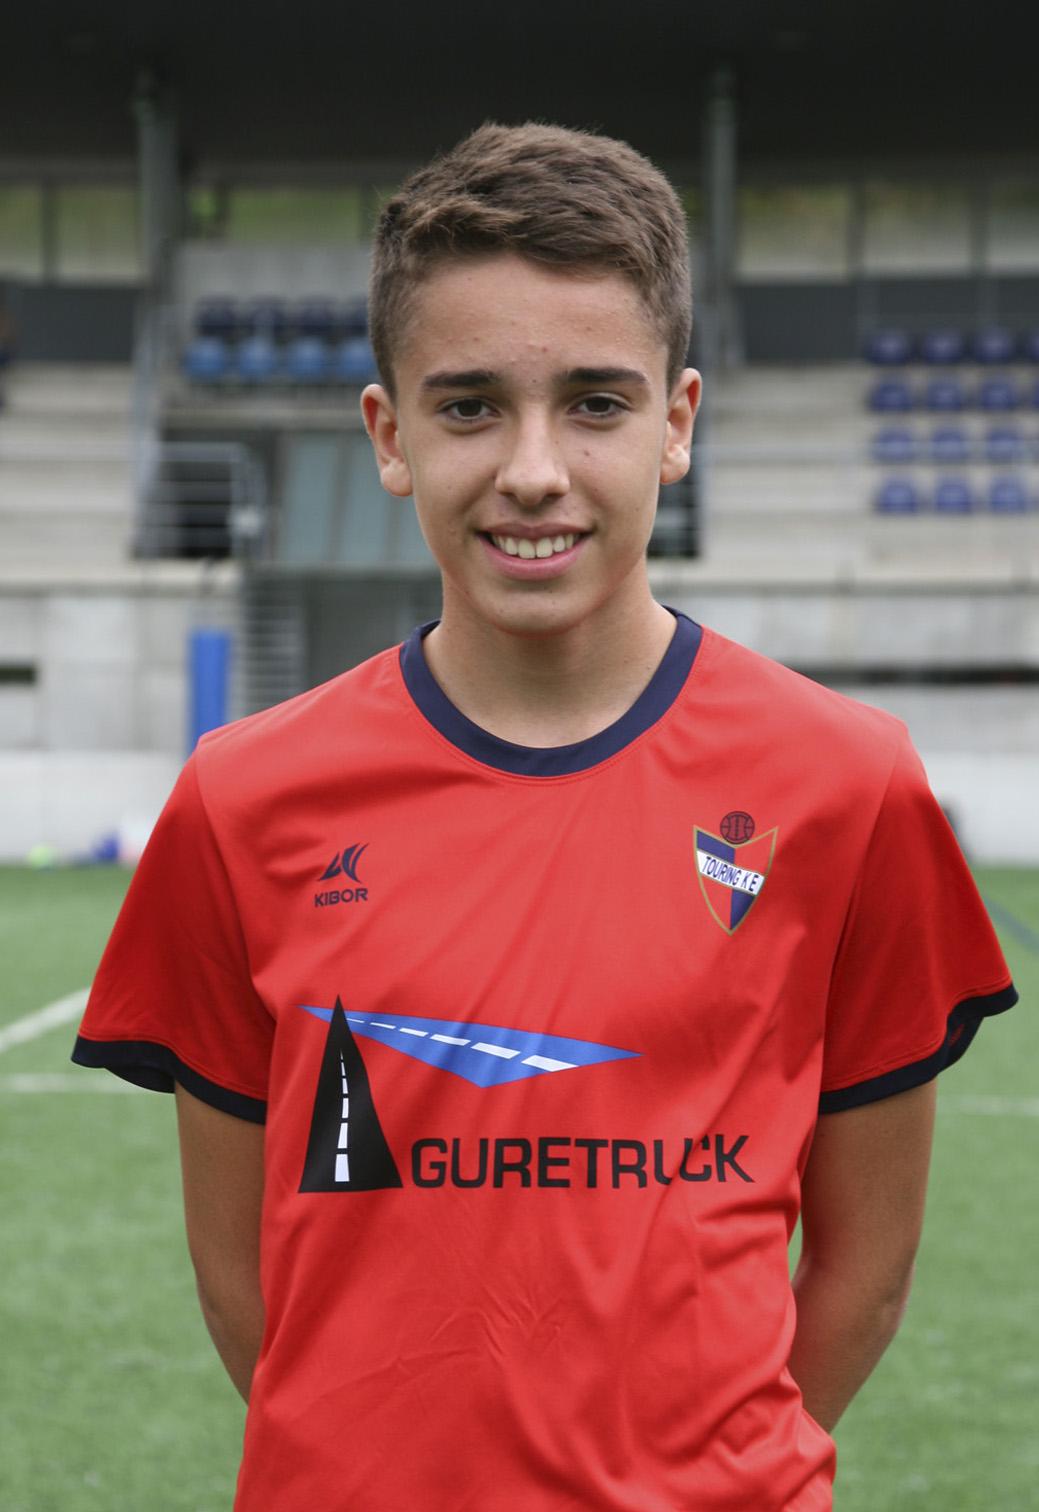 Diego Ligüeri